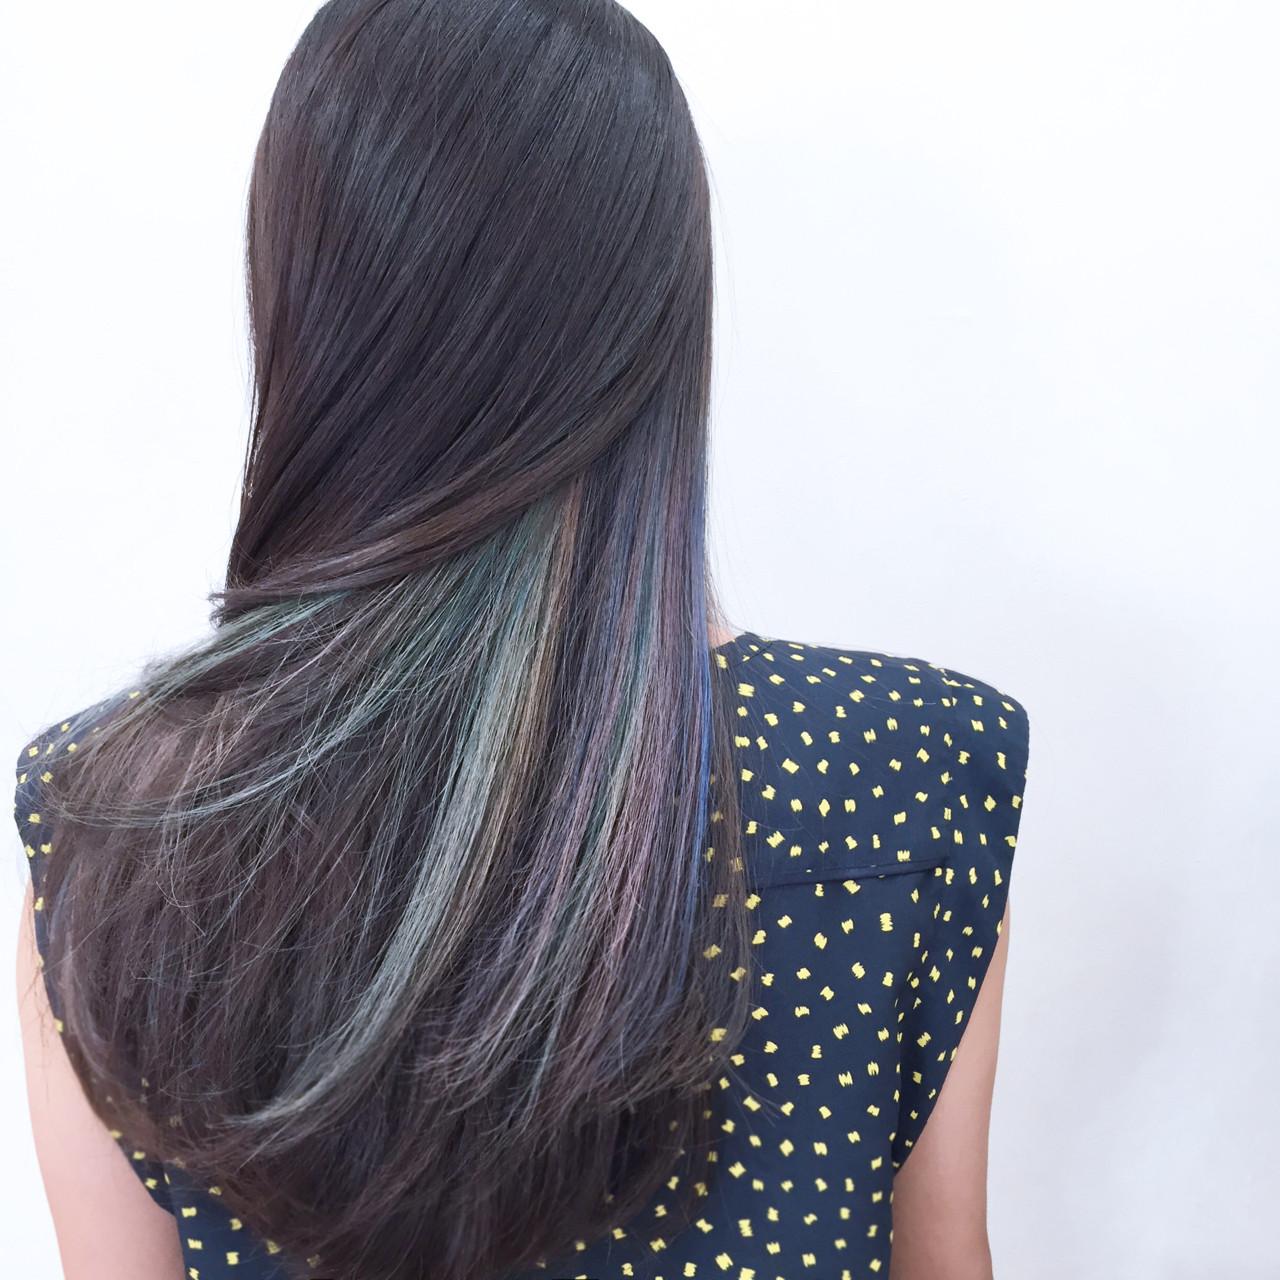 ハイライト モード 暗髪 ロング ヘアスタイルや髪型の写真・画像 | YSO / 電髪倶楽部street